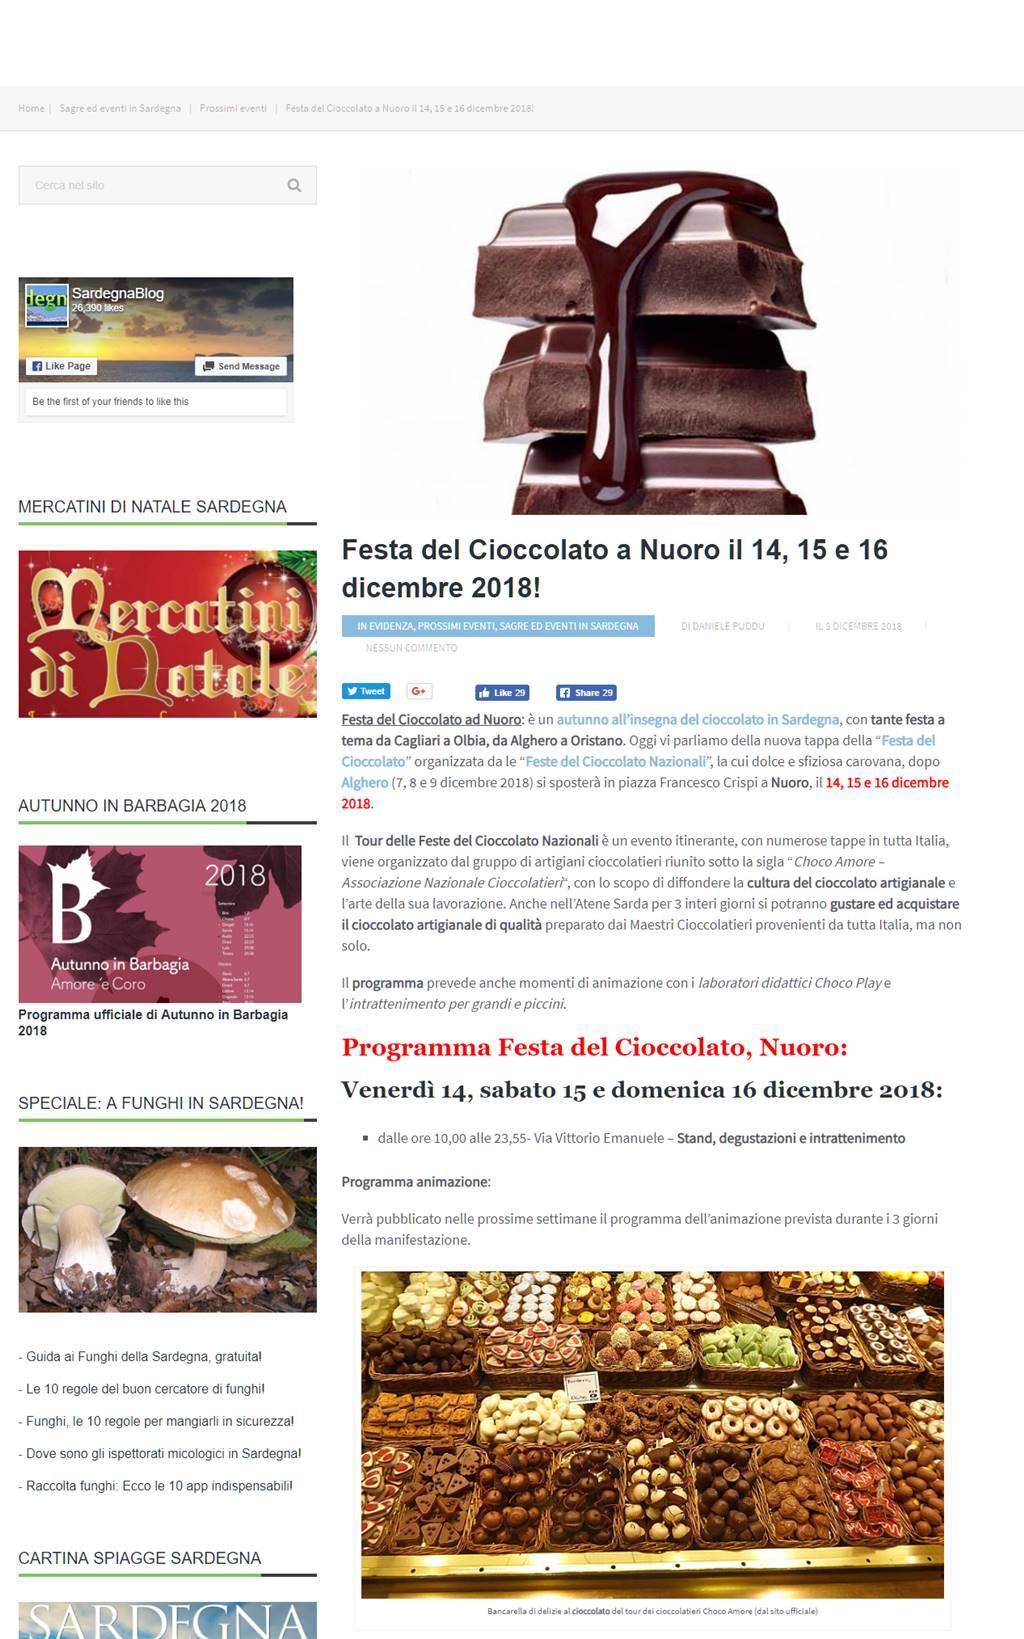 Festa del Cioccolato - Sardegna Nuoro